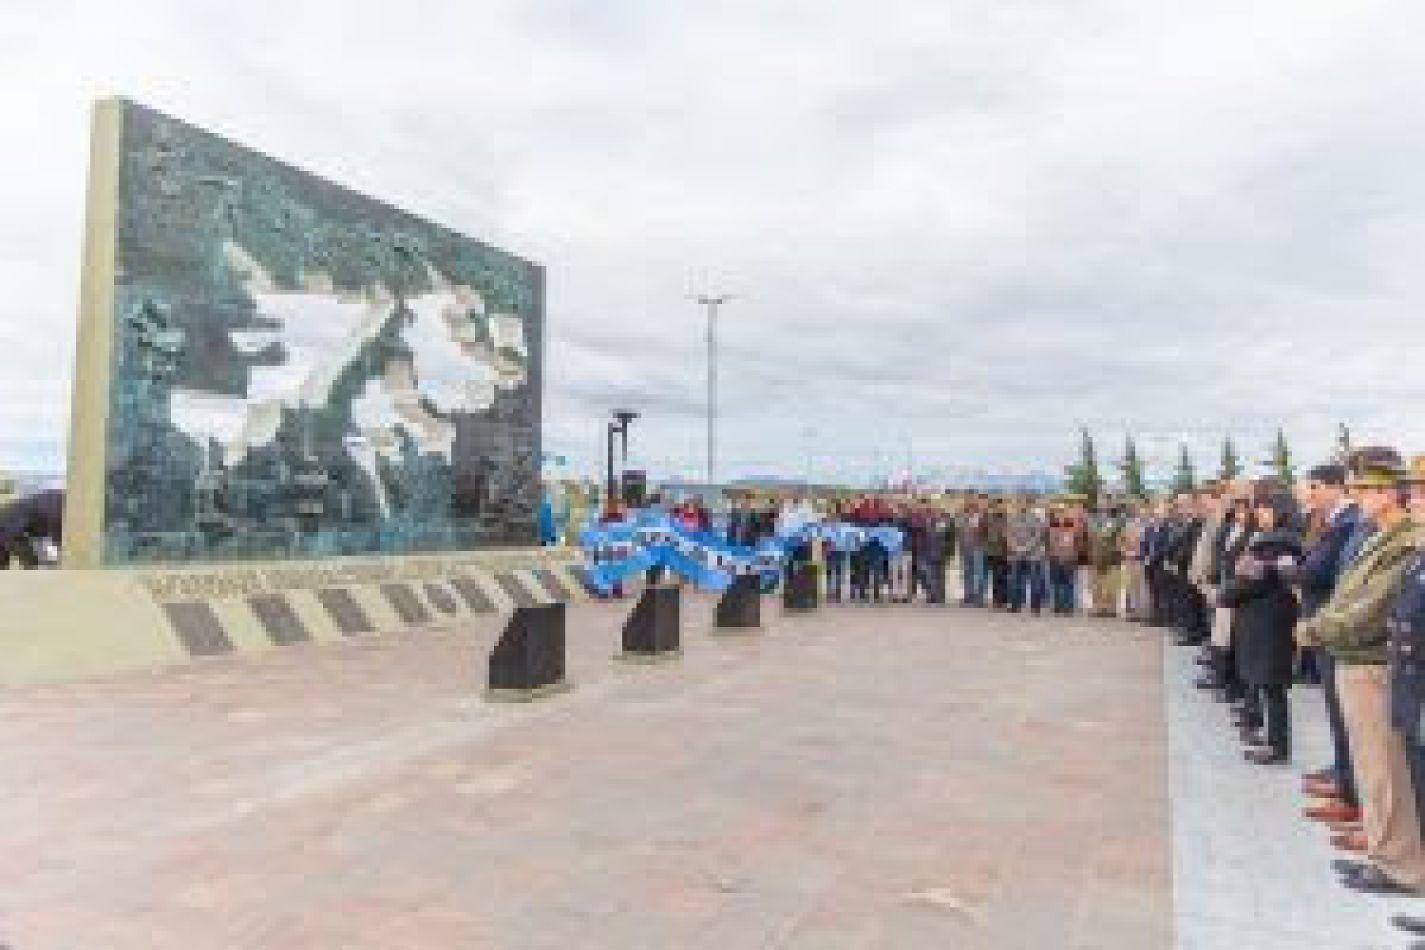 La embajada de Rusia en Argentina se encuentra en la capital fueguina, como parte de una agenda de negocios prevista.